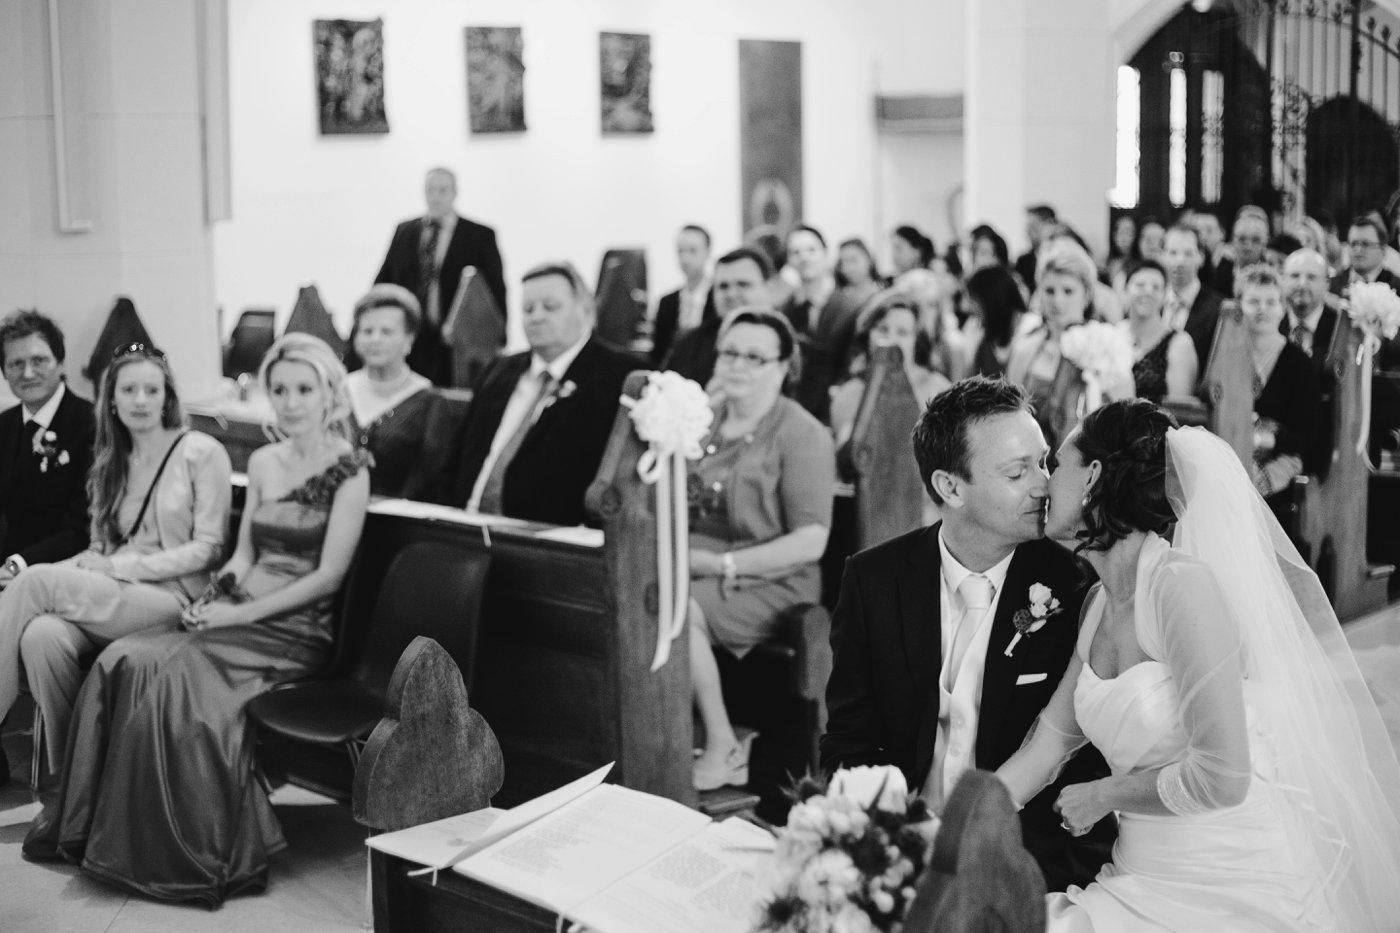 Hochzeit Wien Weingut Hajszan Neumann 31